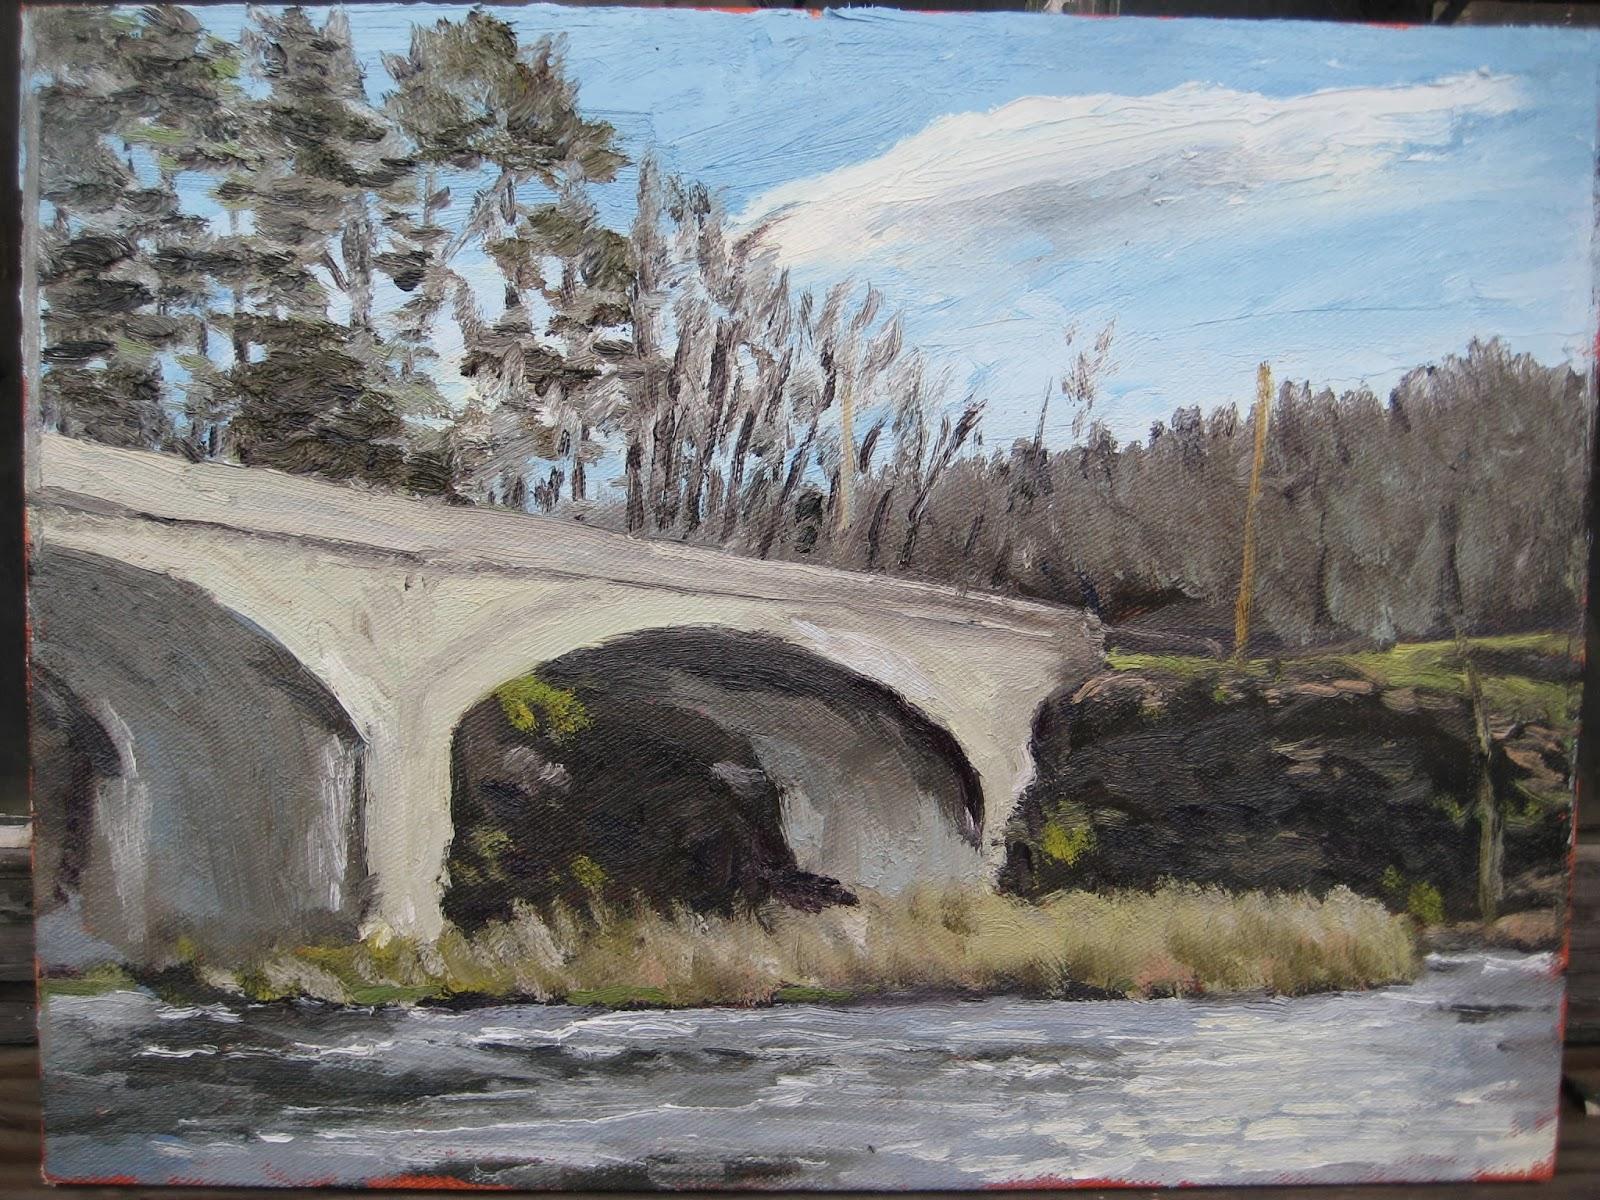 Newly painted bridge photo